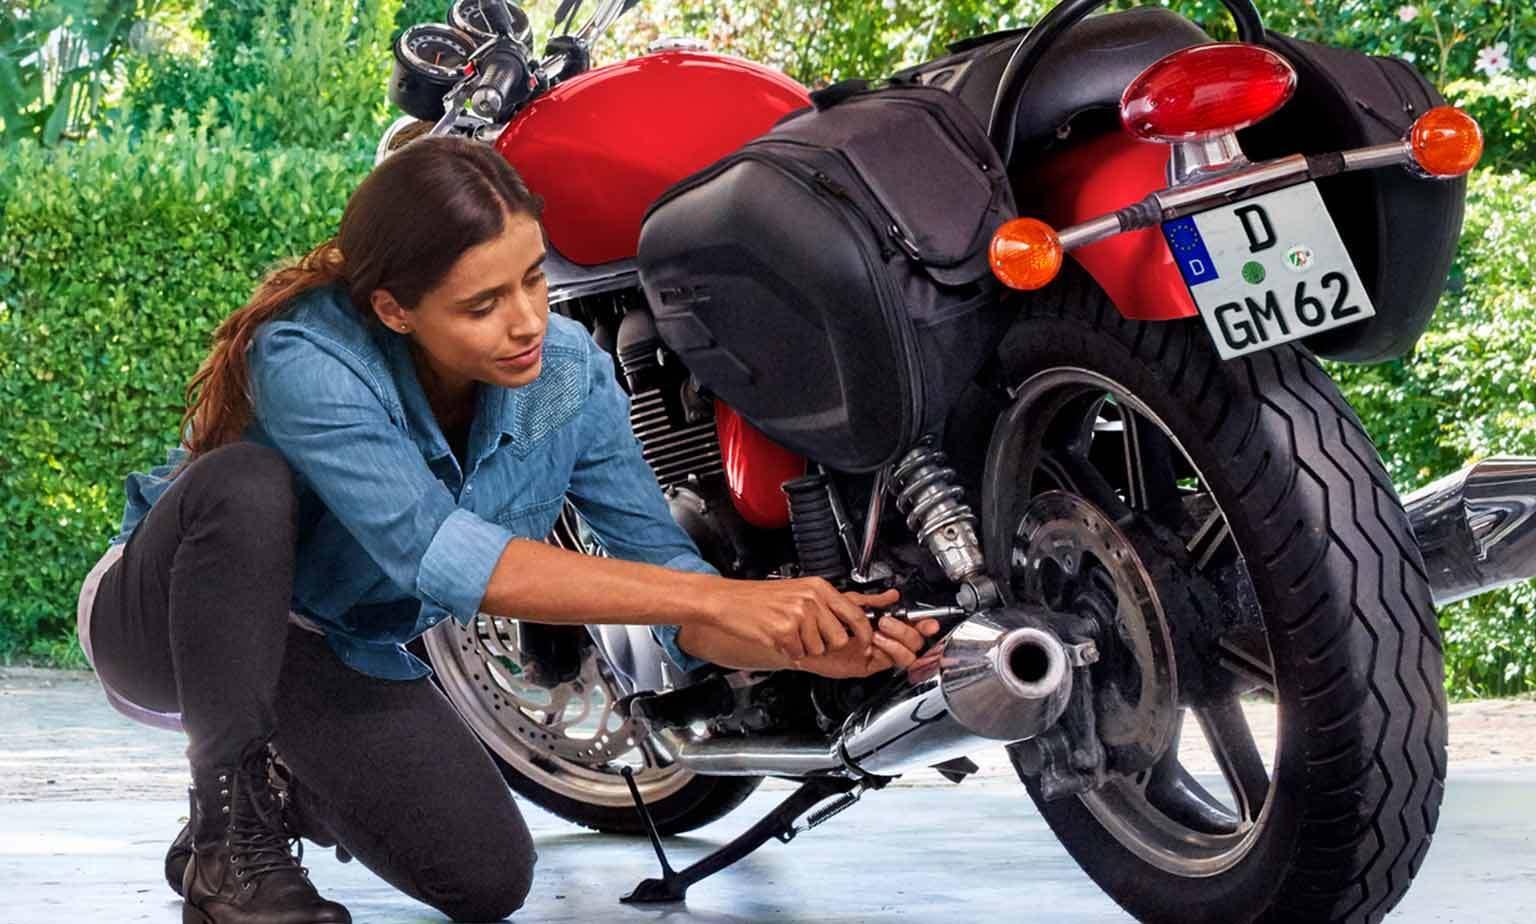 10% sparen* auf Motorradteile & -zubehör